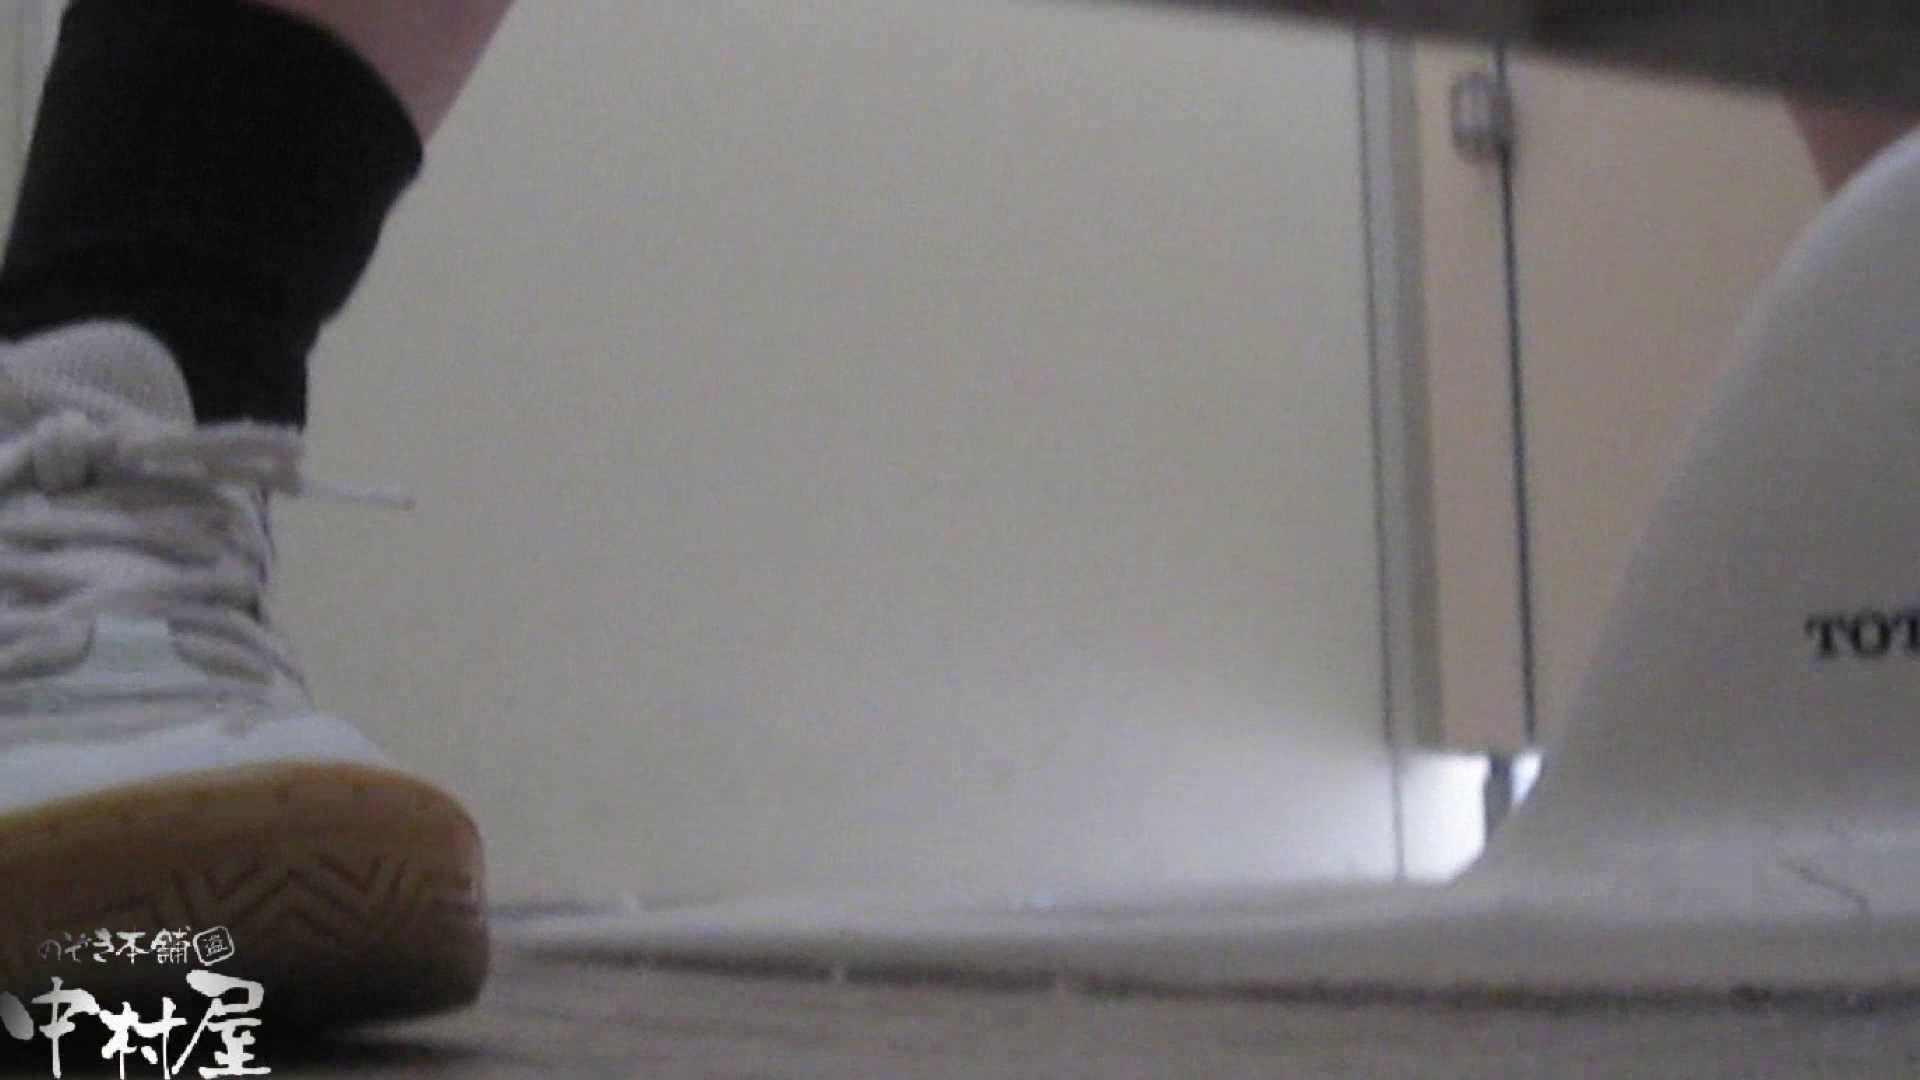 無修正エロ動画|魂のかわや盗撮62連発! 激ヤバ上靴嬢8 22発目!|のぞき本舗 中村屋